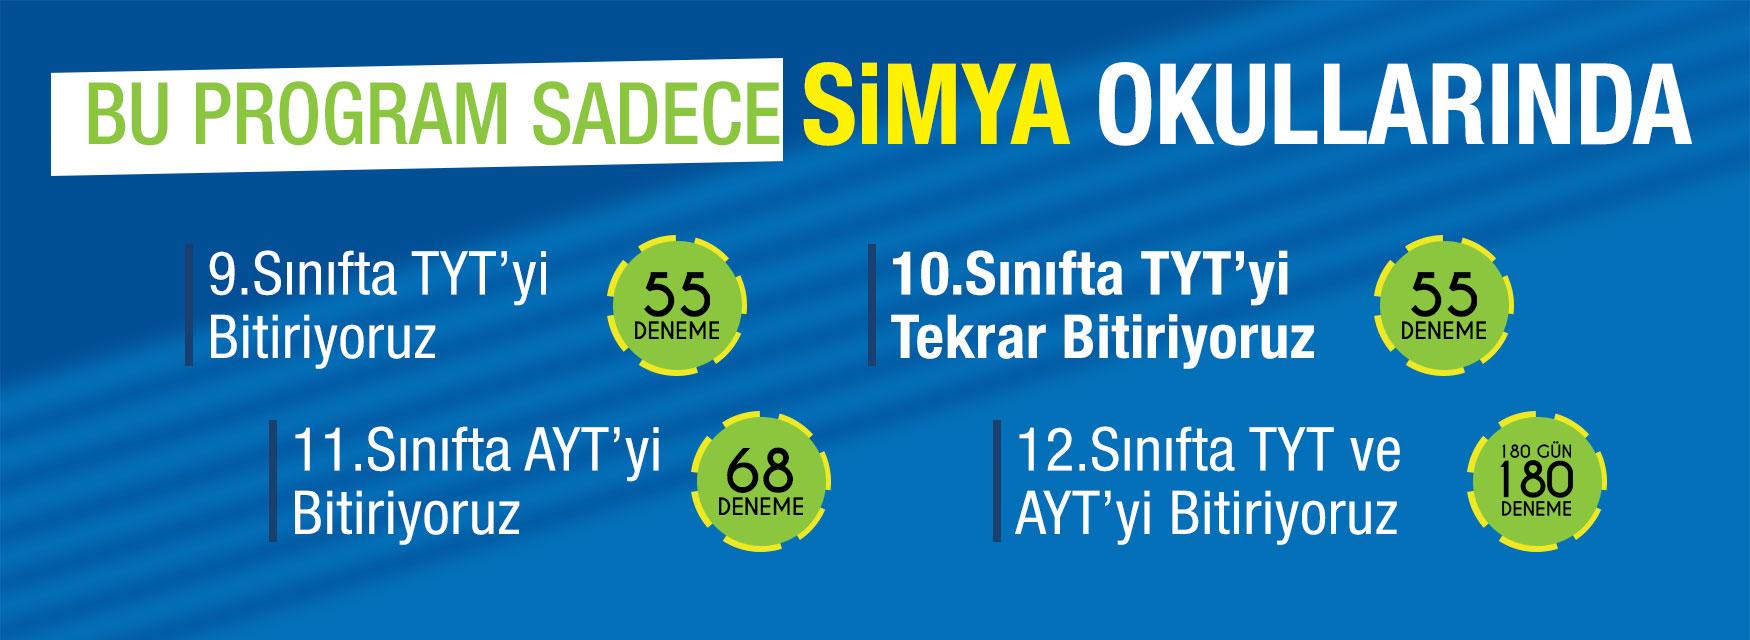 simya-okullari-programi